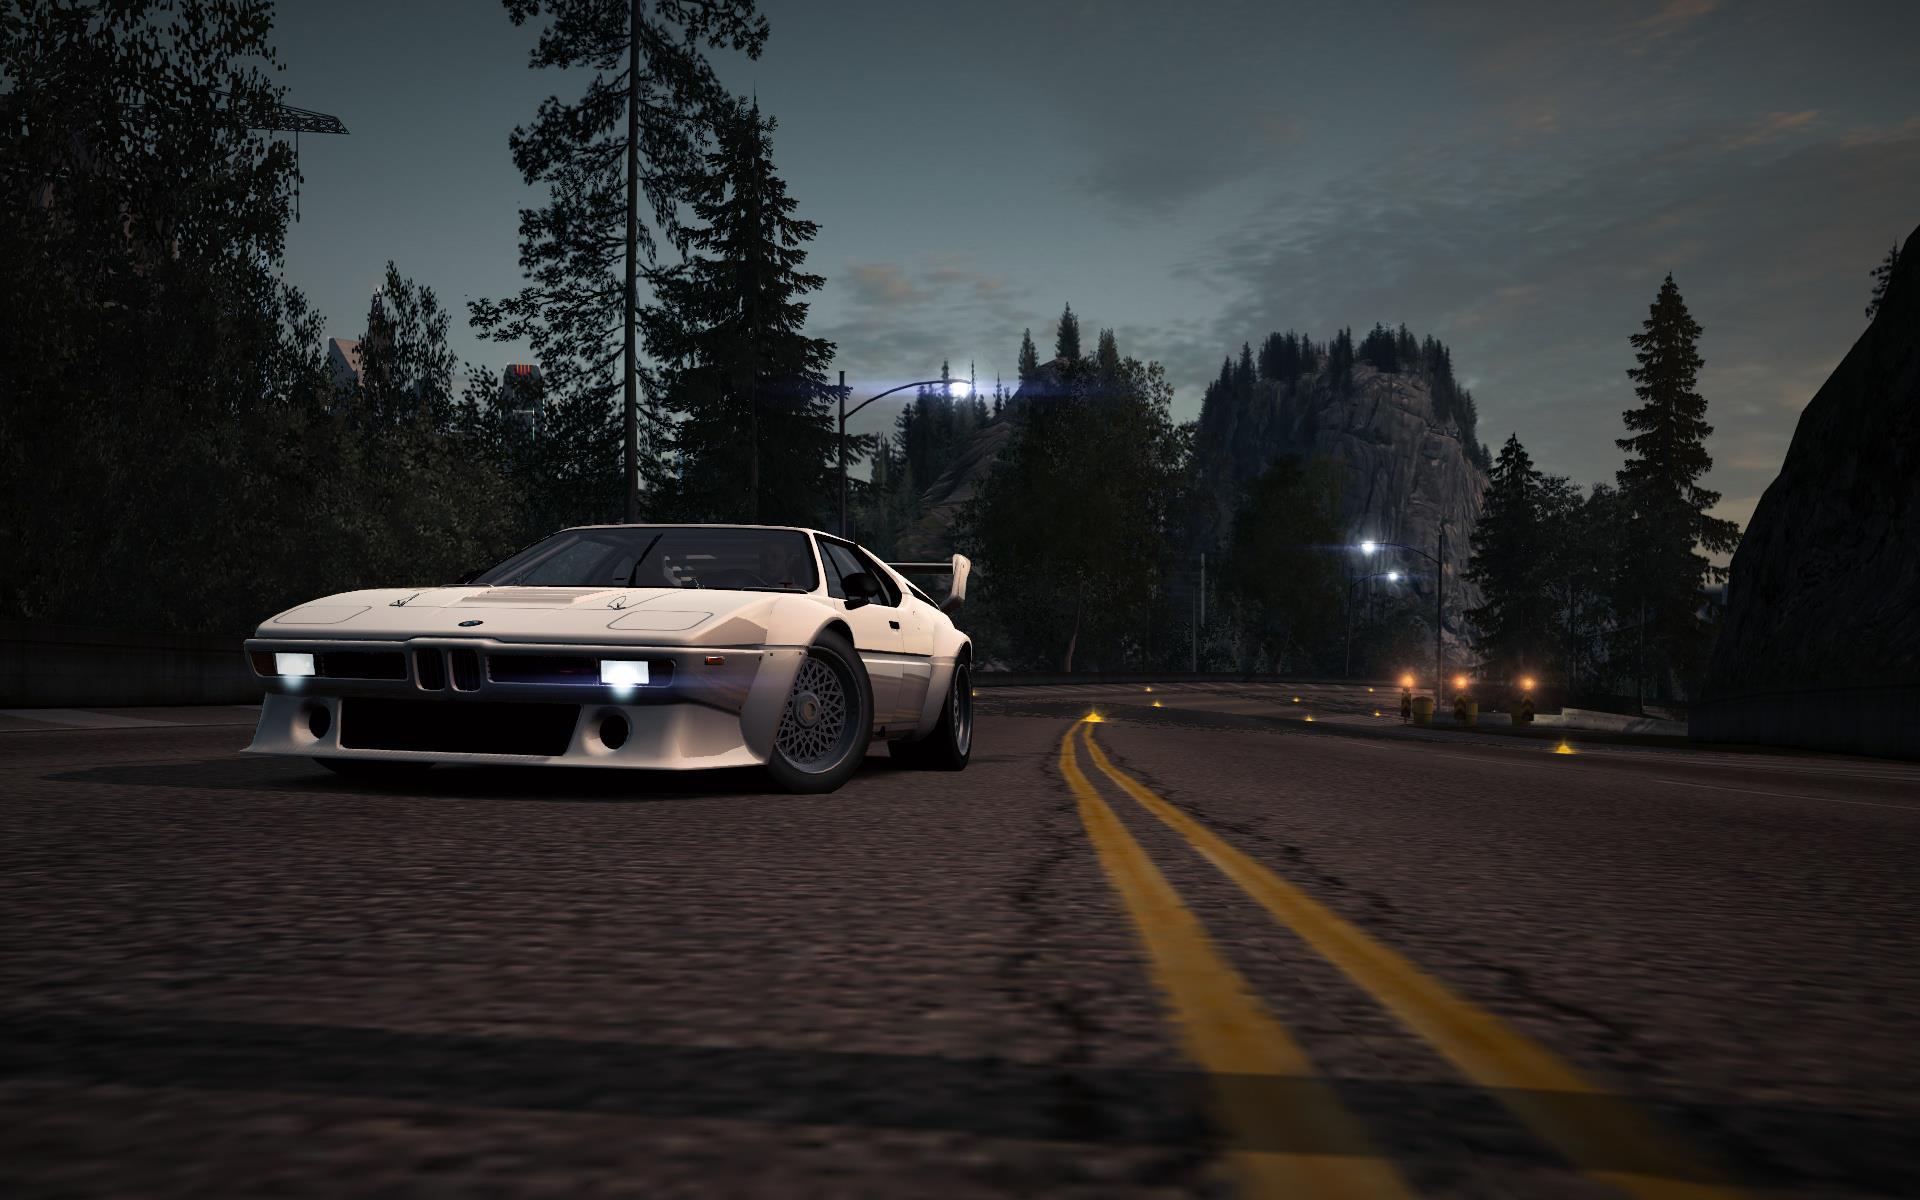 BMW M1 Procar | NFS World Wiki | FANDOM powered by Wikia